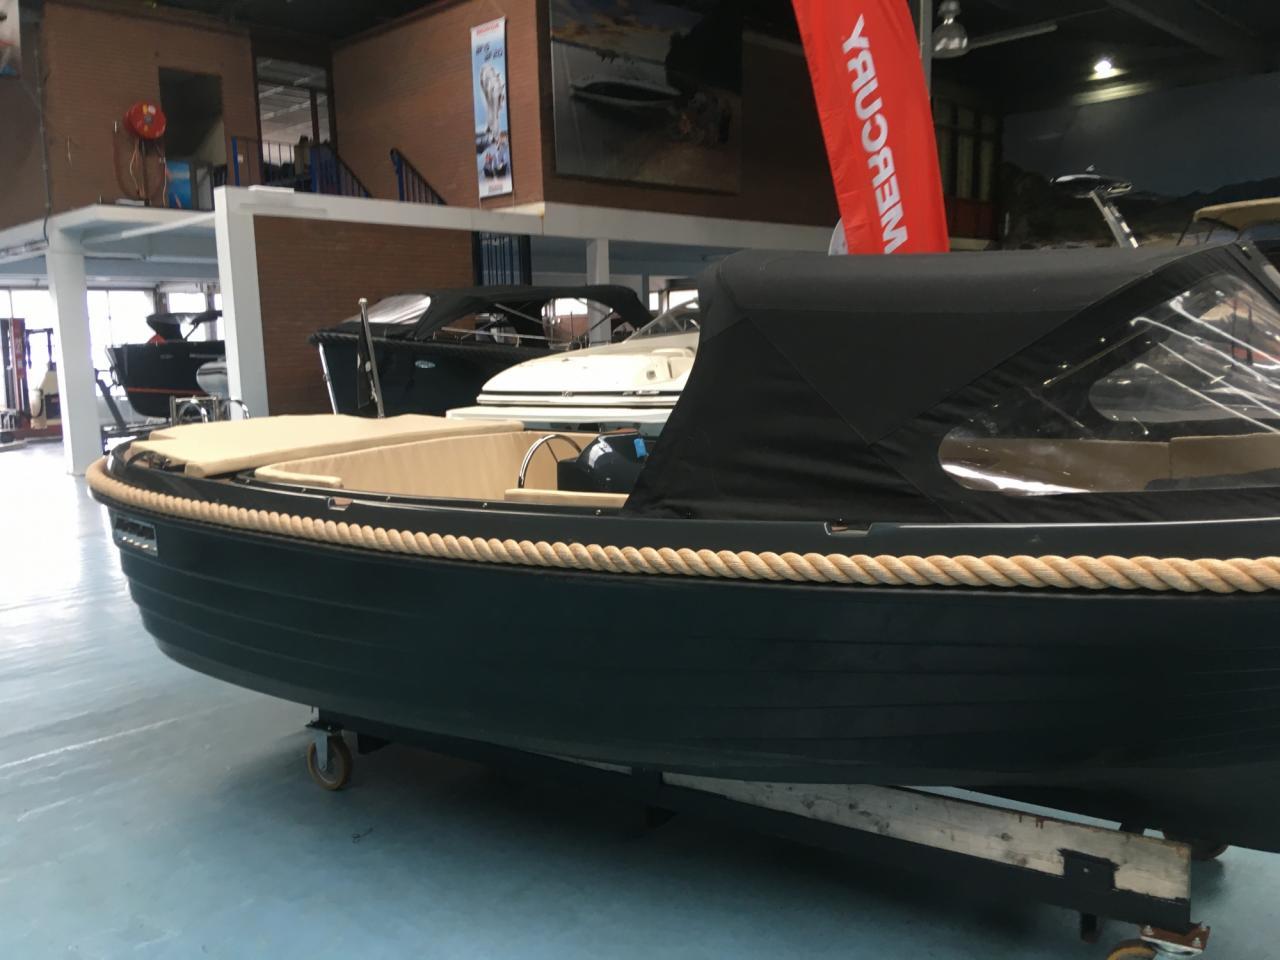 Anker 575 deluxe met Craftsman Navy 6.0 elektromotor 8